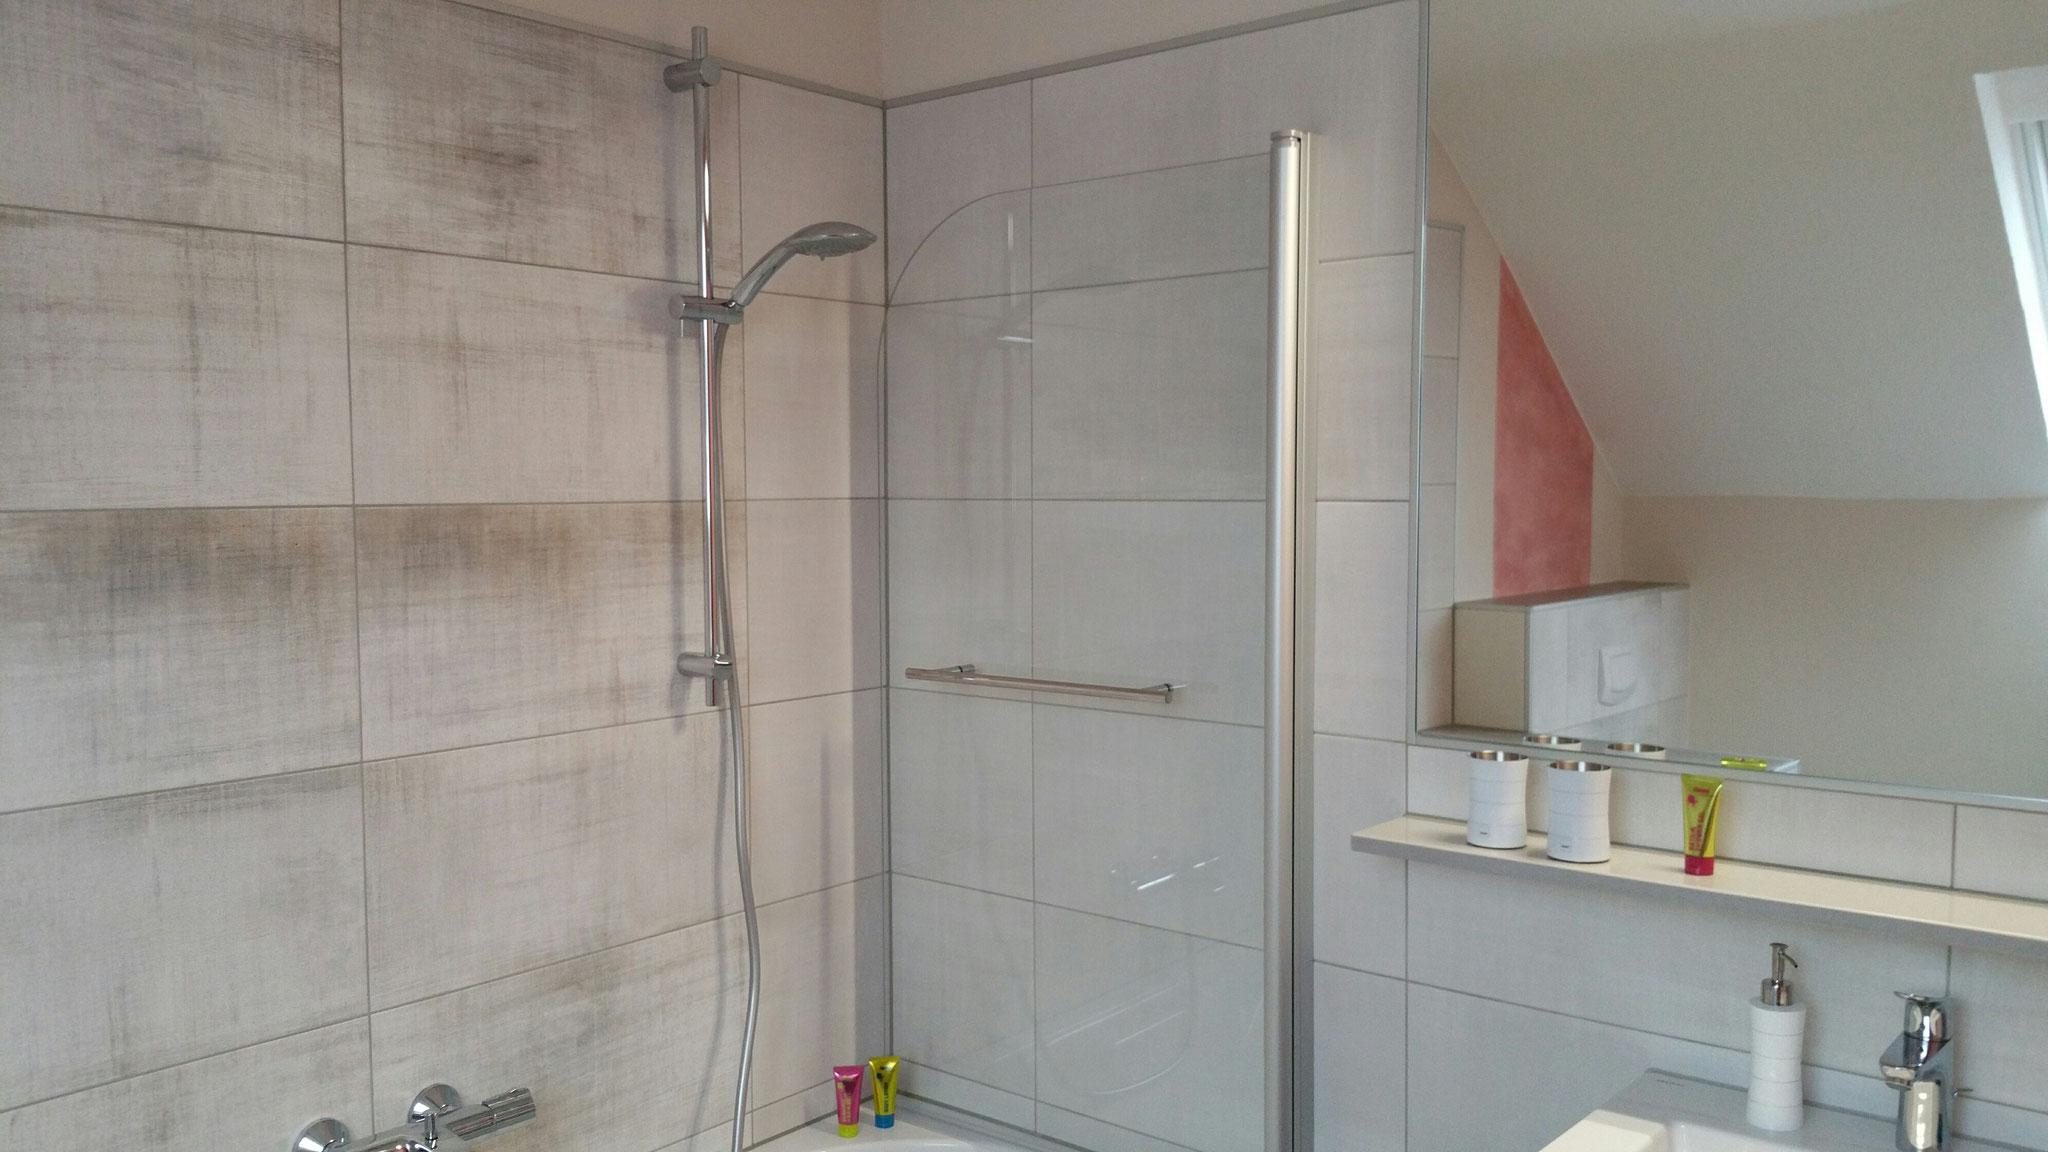 Bad Komfort Zimmer 7 - Duschen oder baden, was will ich heute?